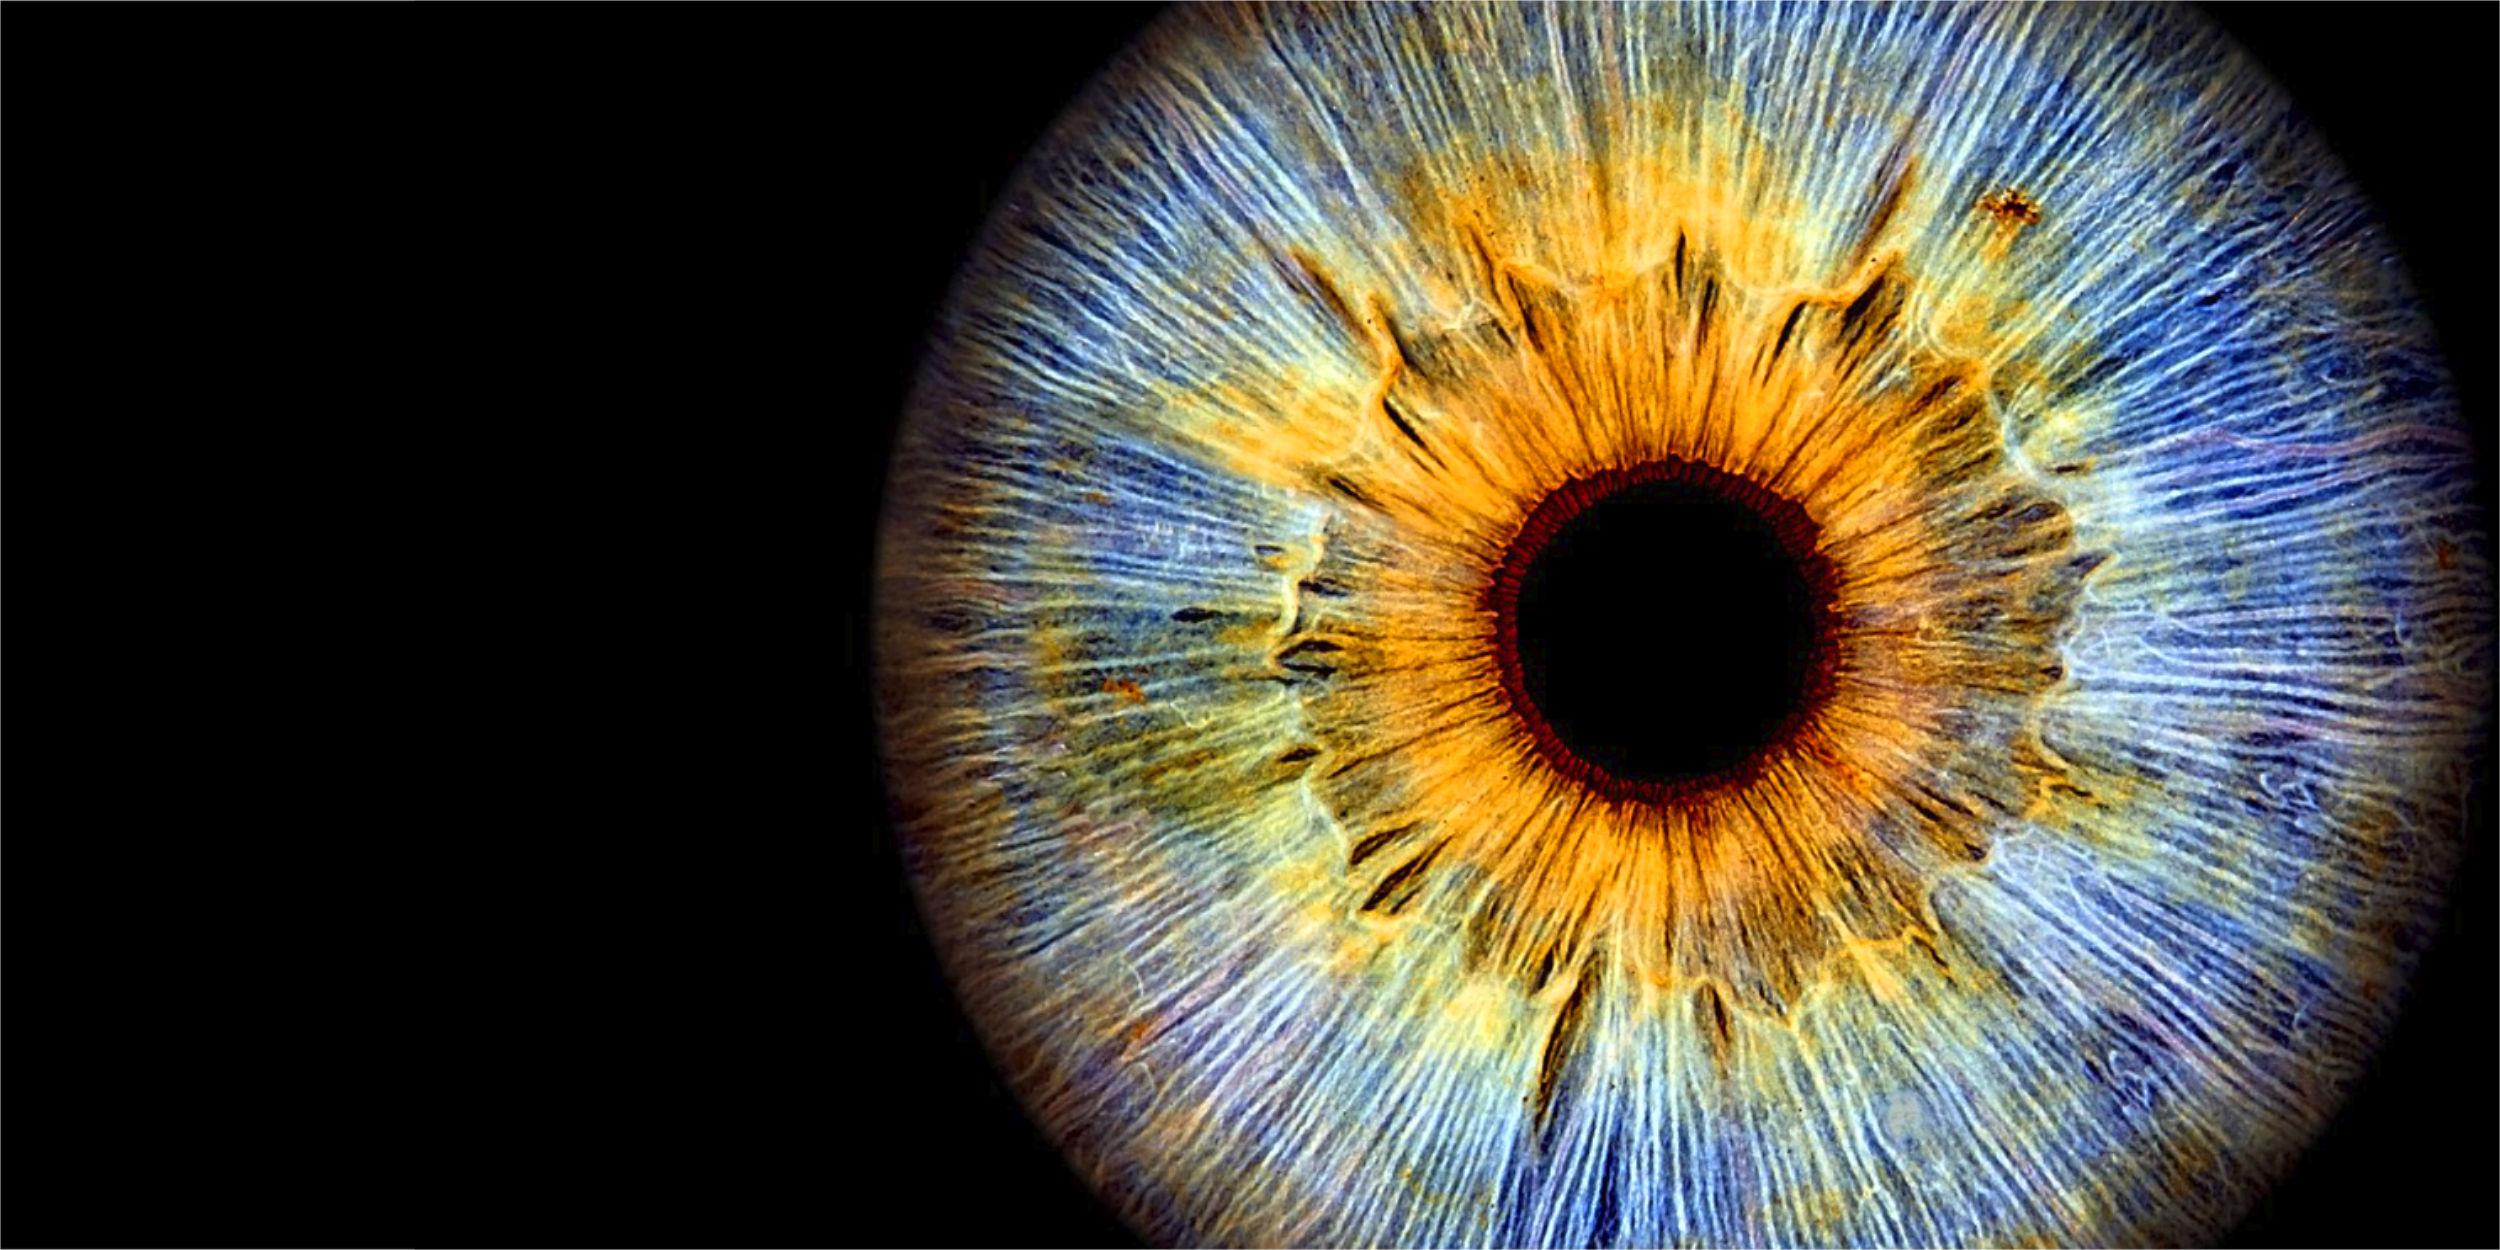 Iris Fotografie Schorndorf Stuttgart und Umgebung das Tor zur Seele Kunstvoll verpackt einzigartiger als ein Fingerabdruck Regenbogenhaut persönlich Geschenk